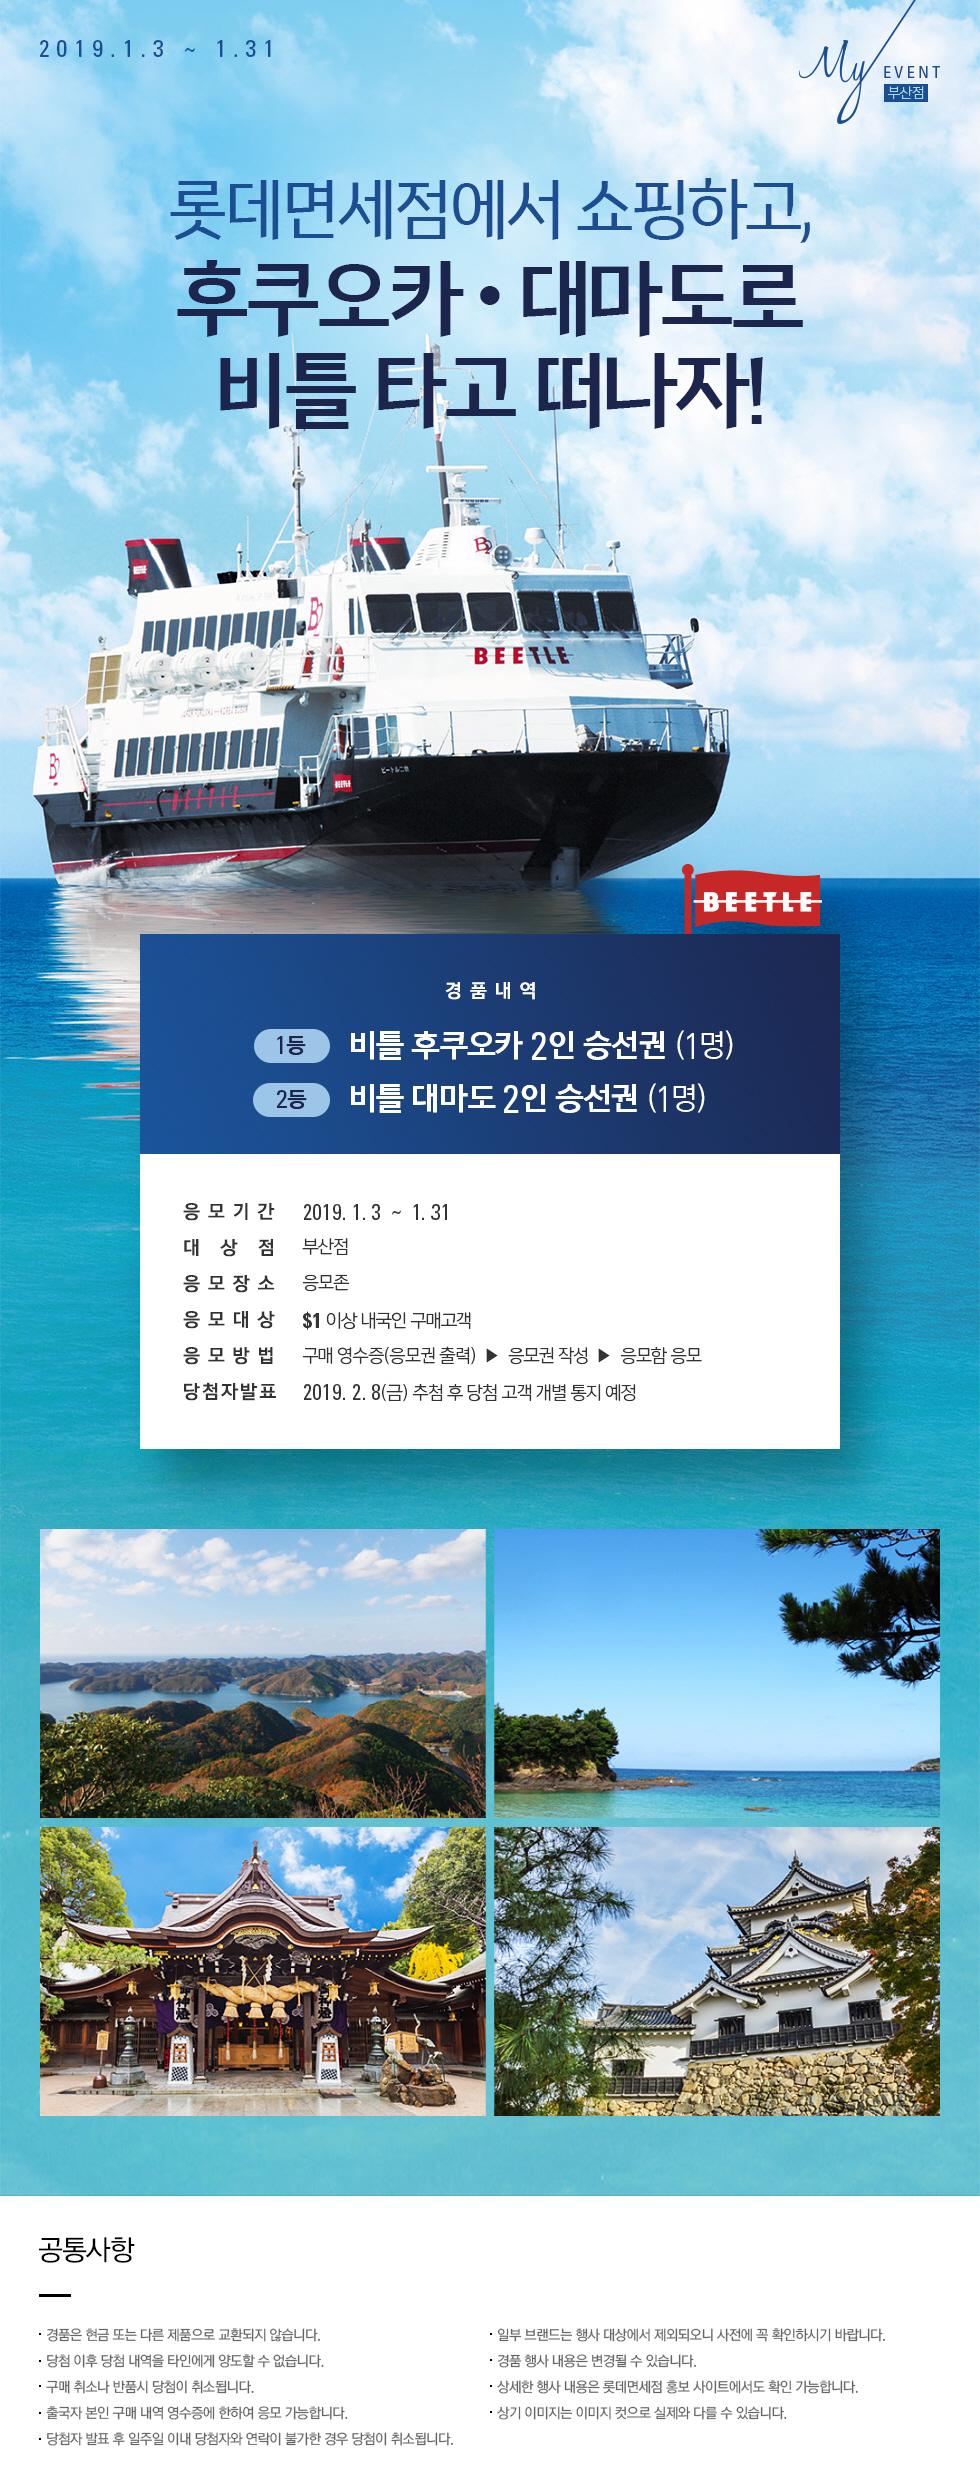 [부산점] 비틀 후쿠오카, 대마도 승선권 이벤트